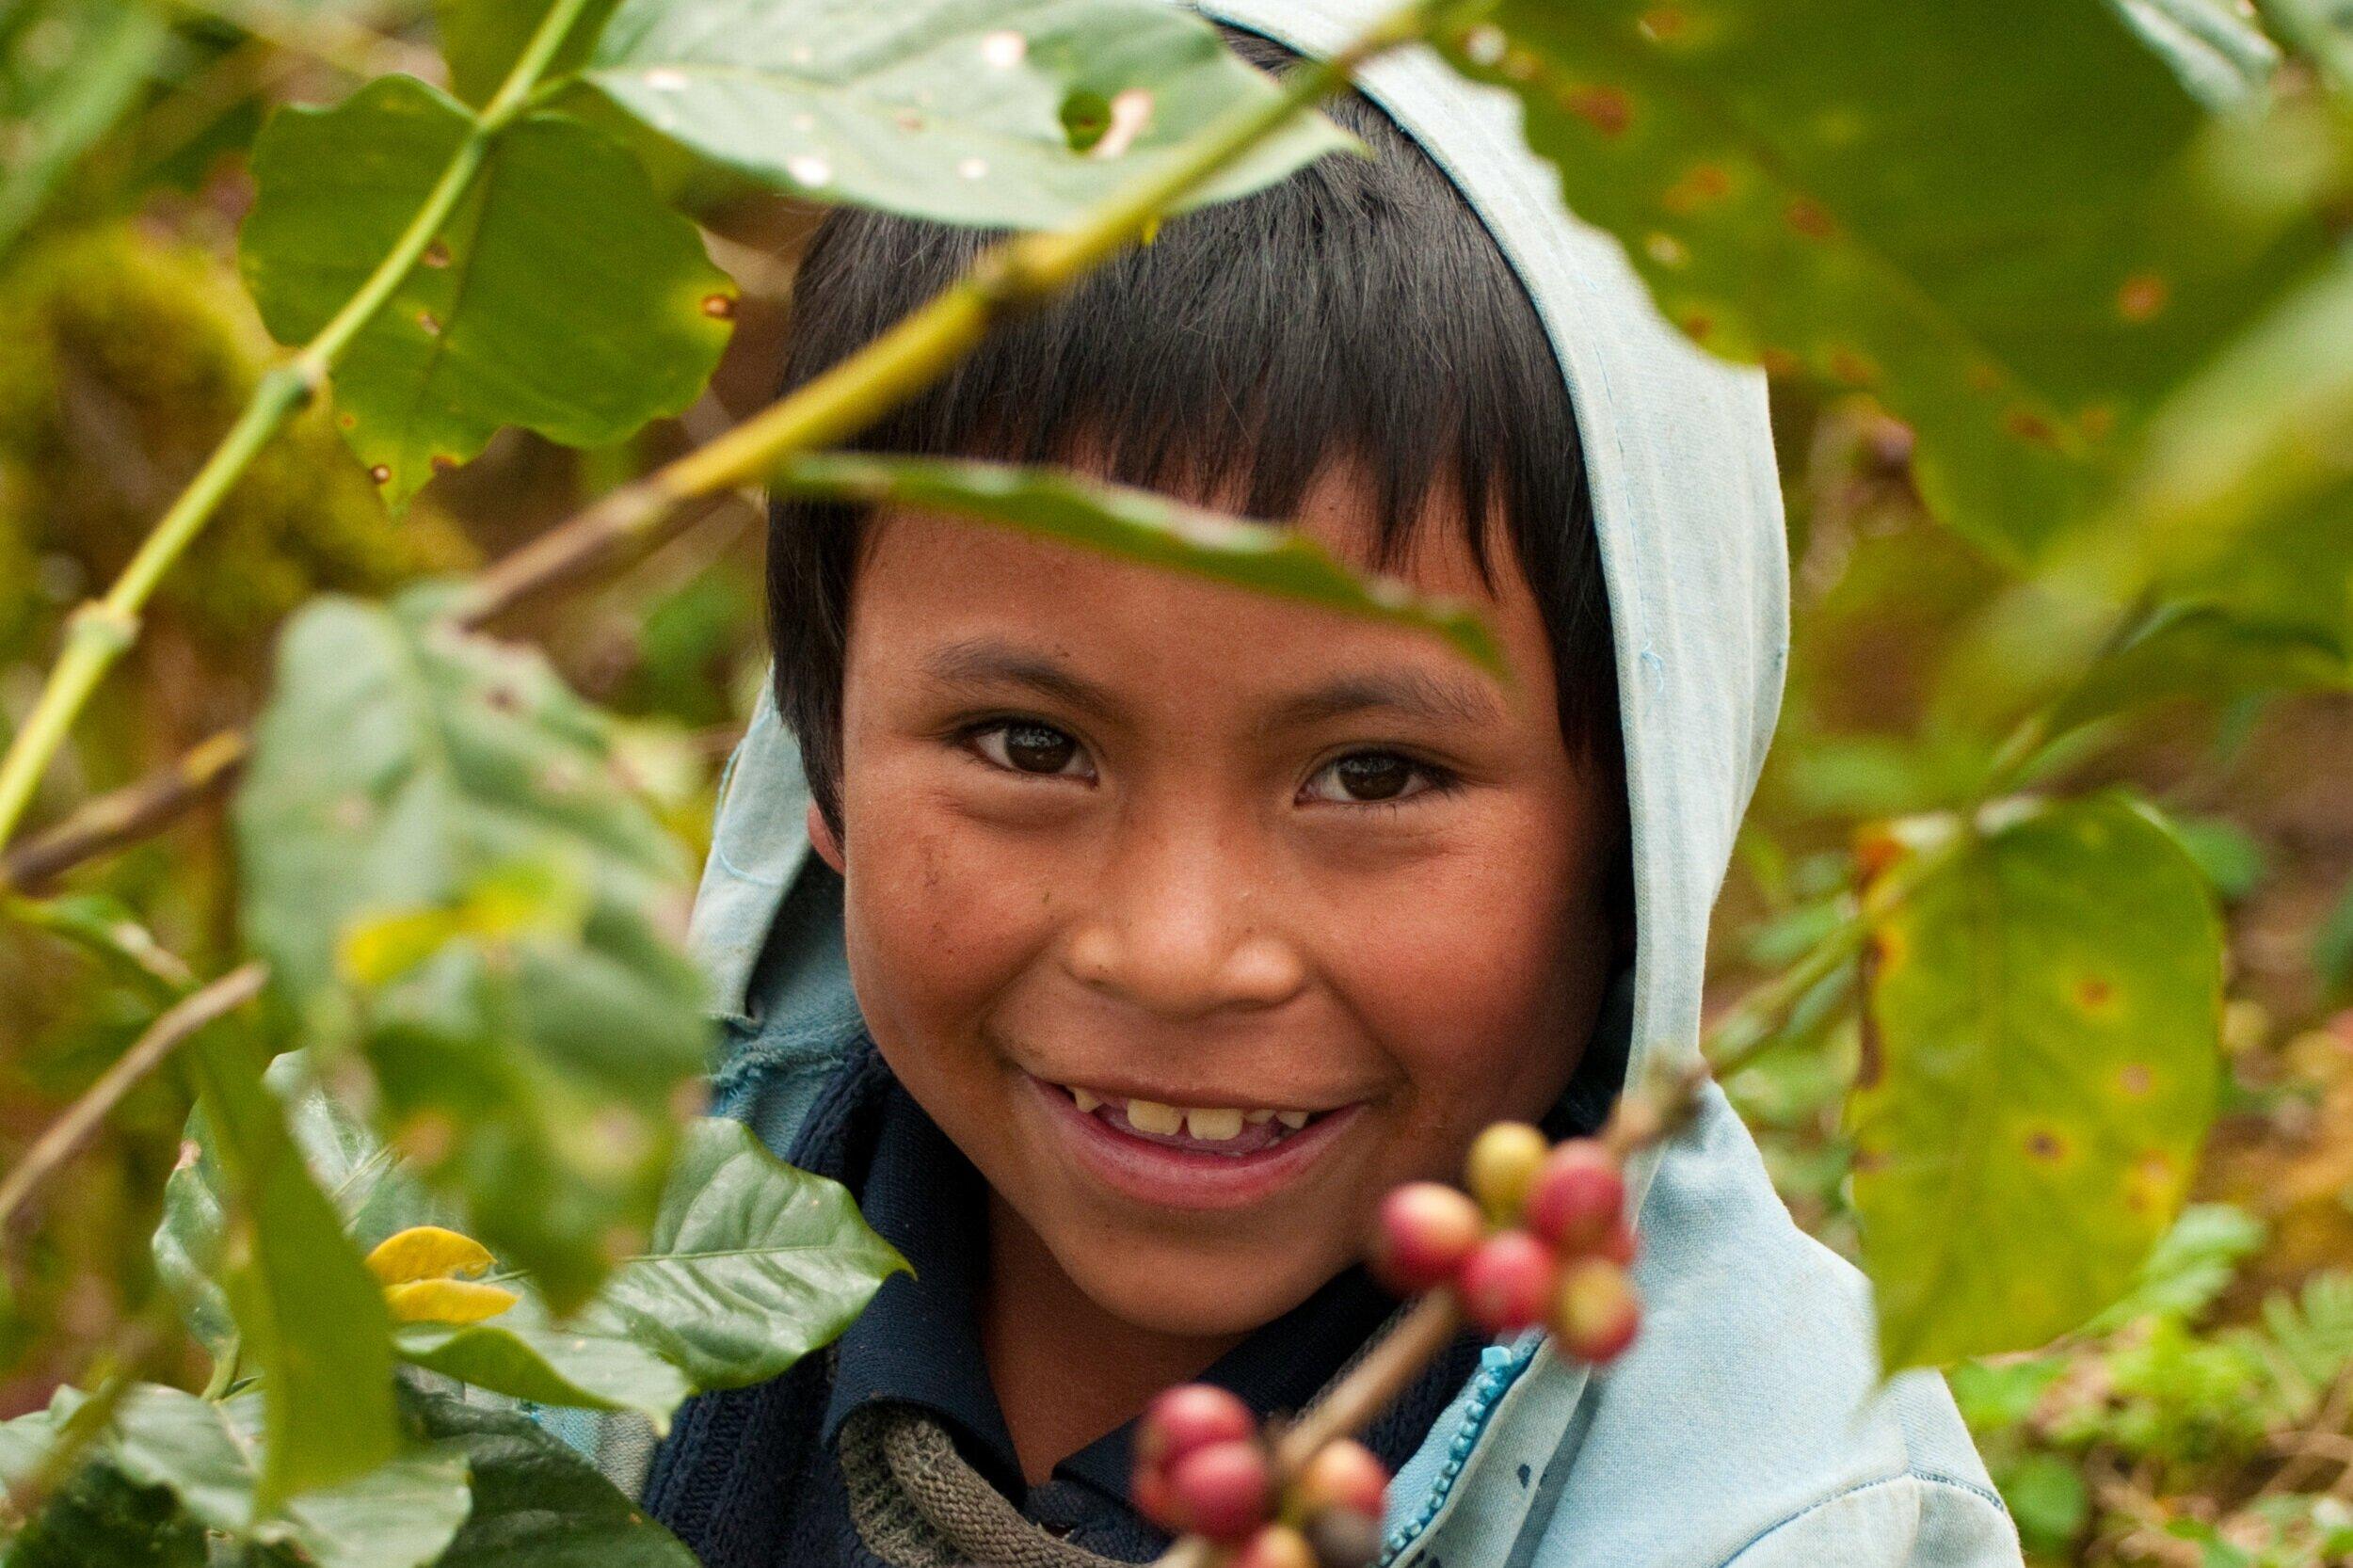 Water+for+People%2C+Nicaragua+%281%29+%281%29.jpg